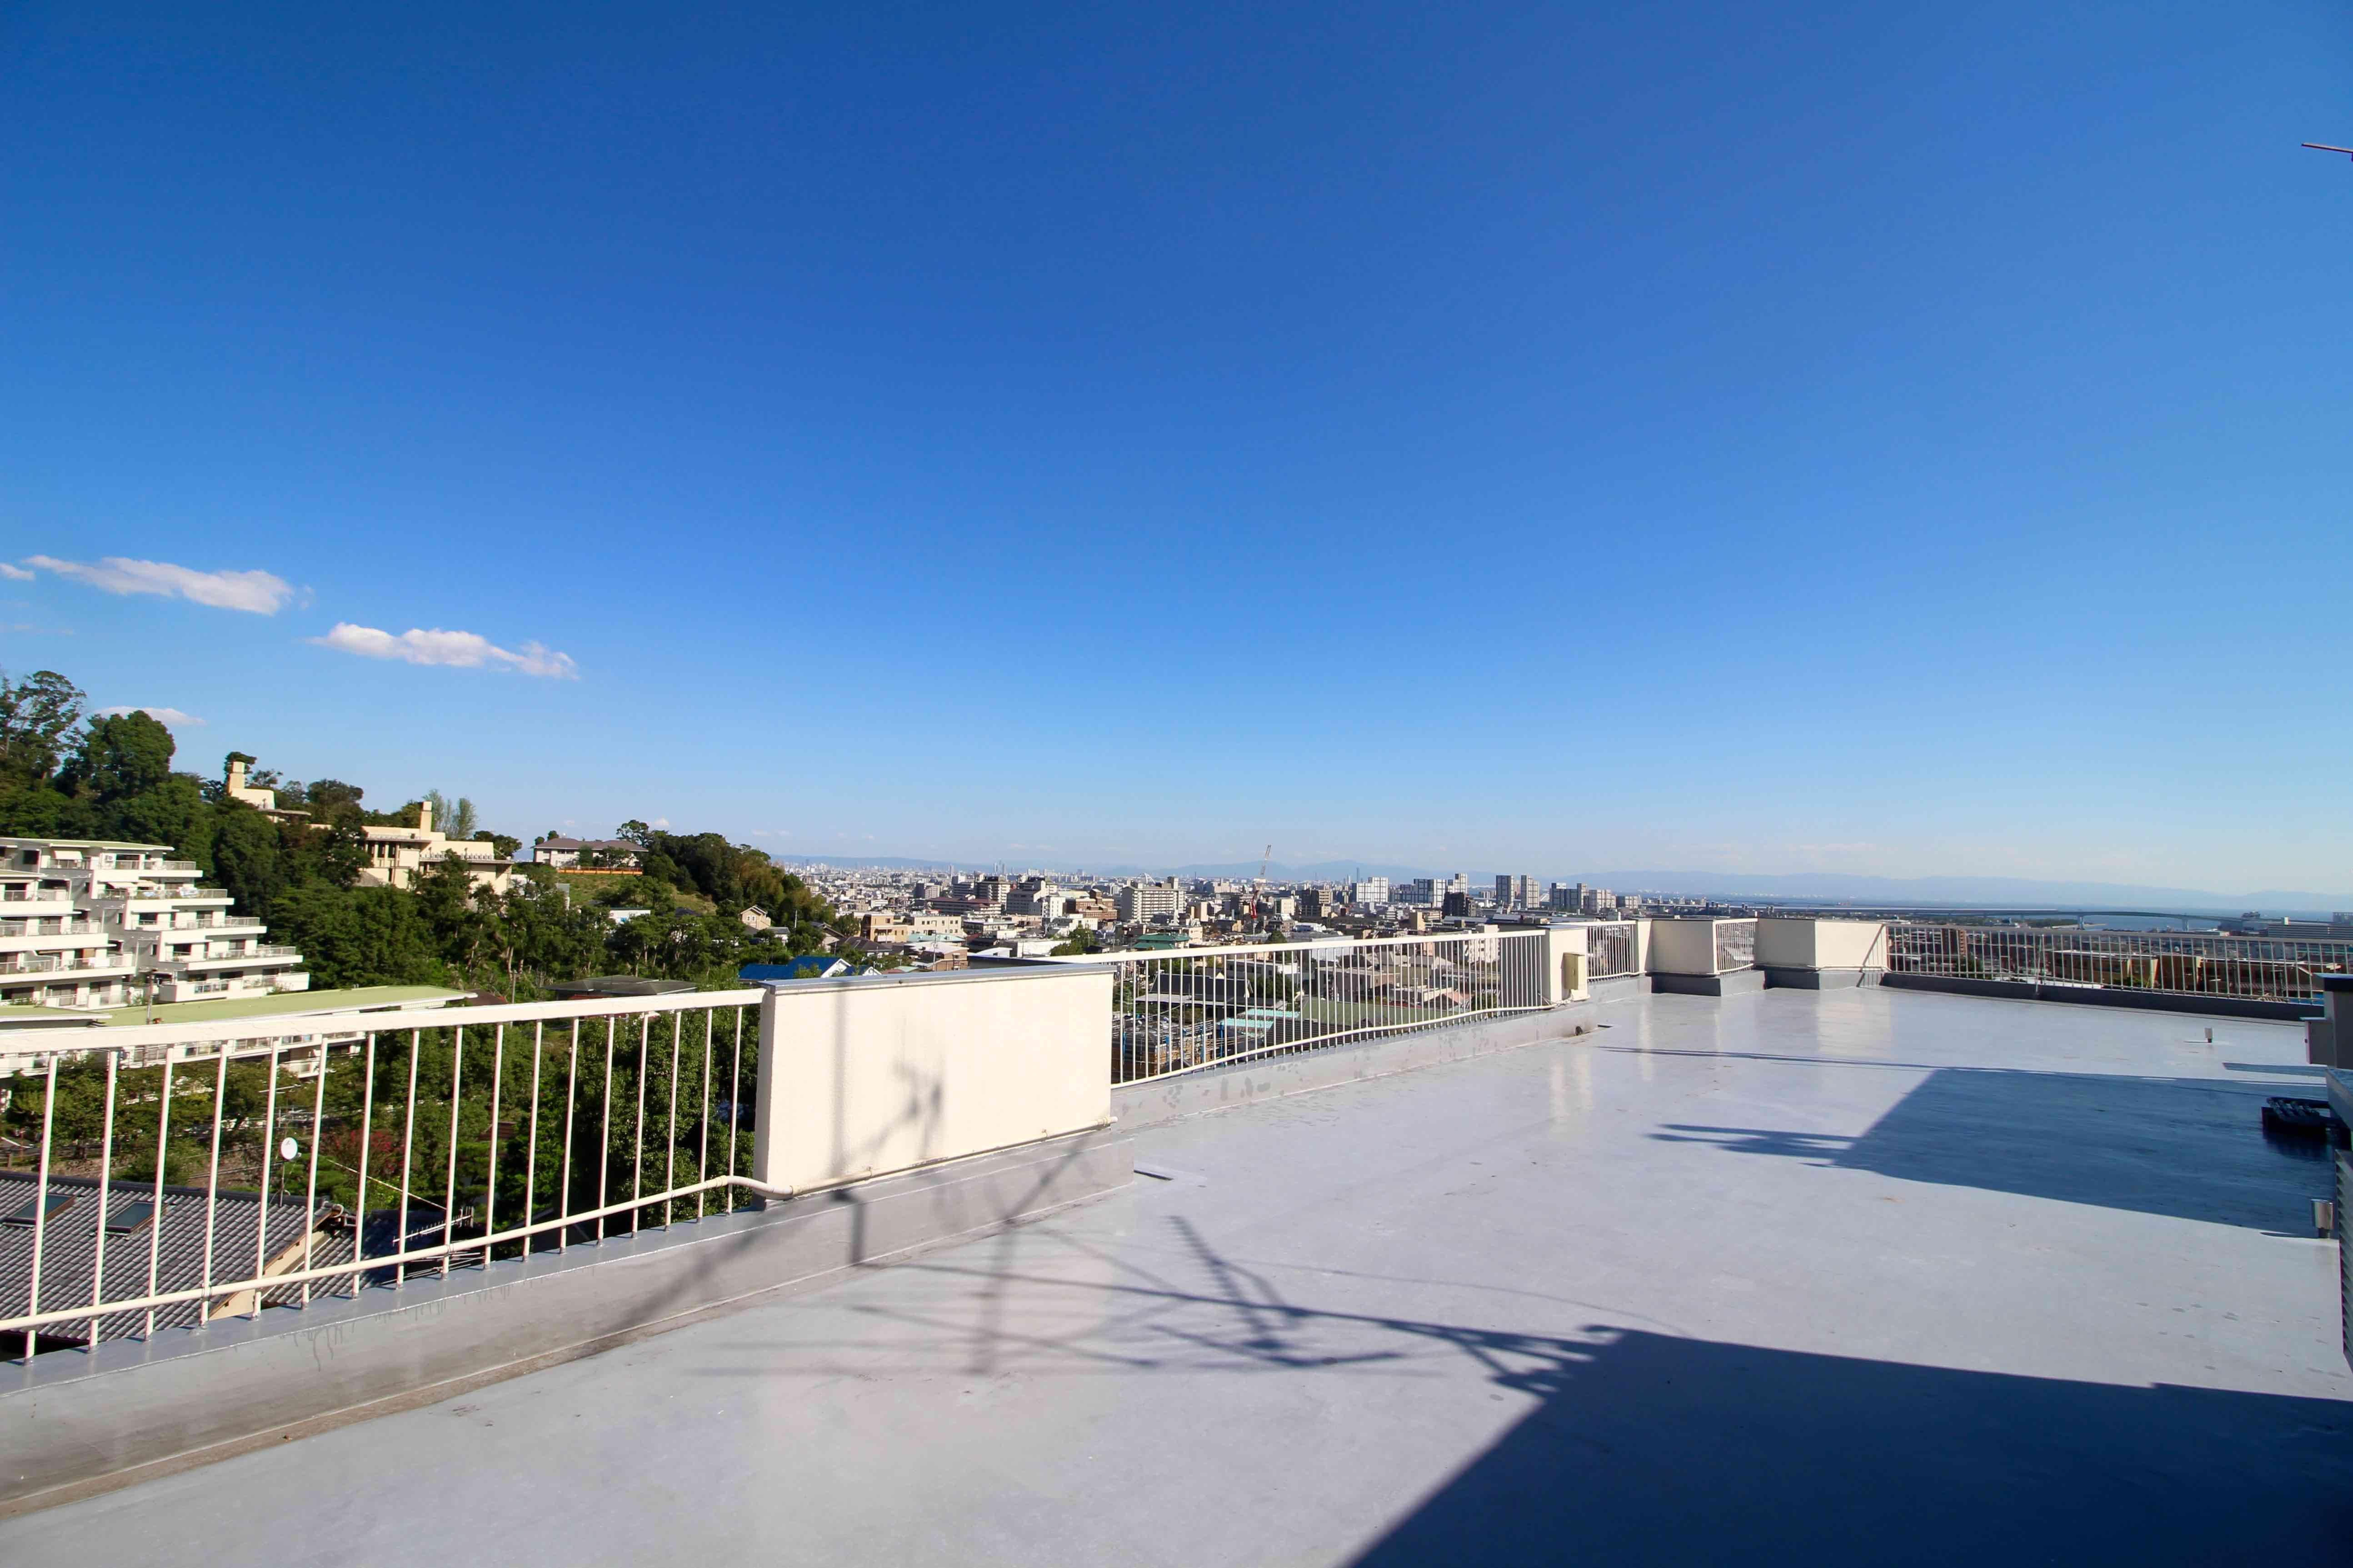 山から海まで見渡せるパノラマの屋上